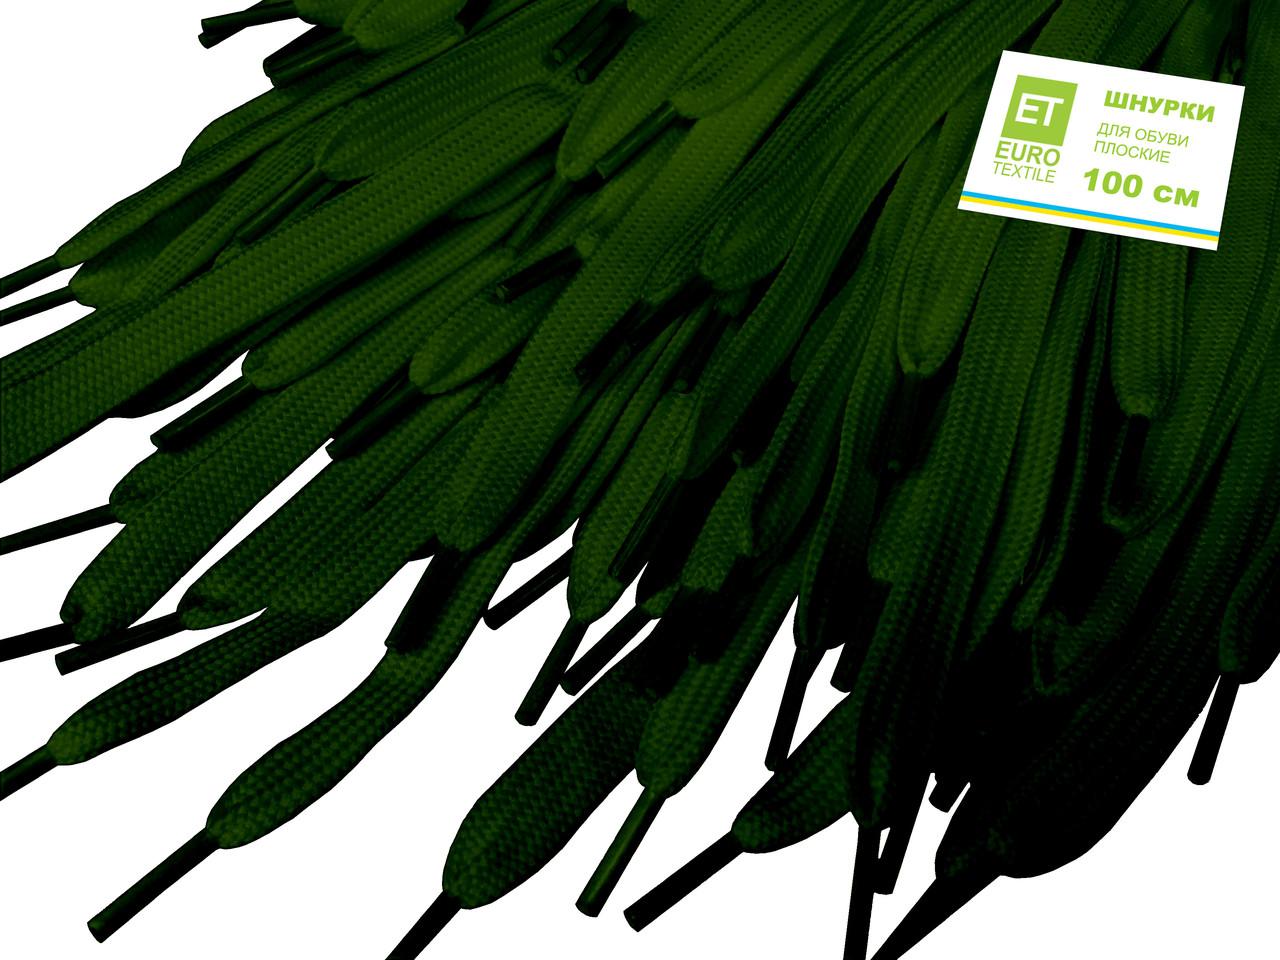 Шнурки для обуви (100см) плоские, зеленые